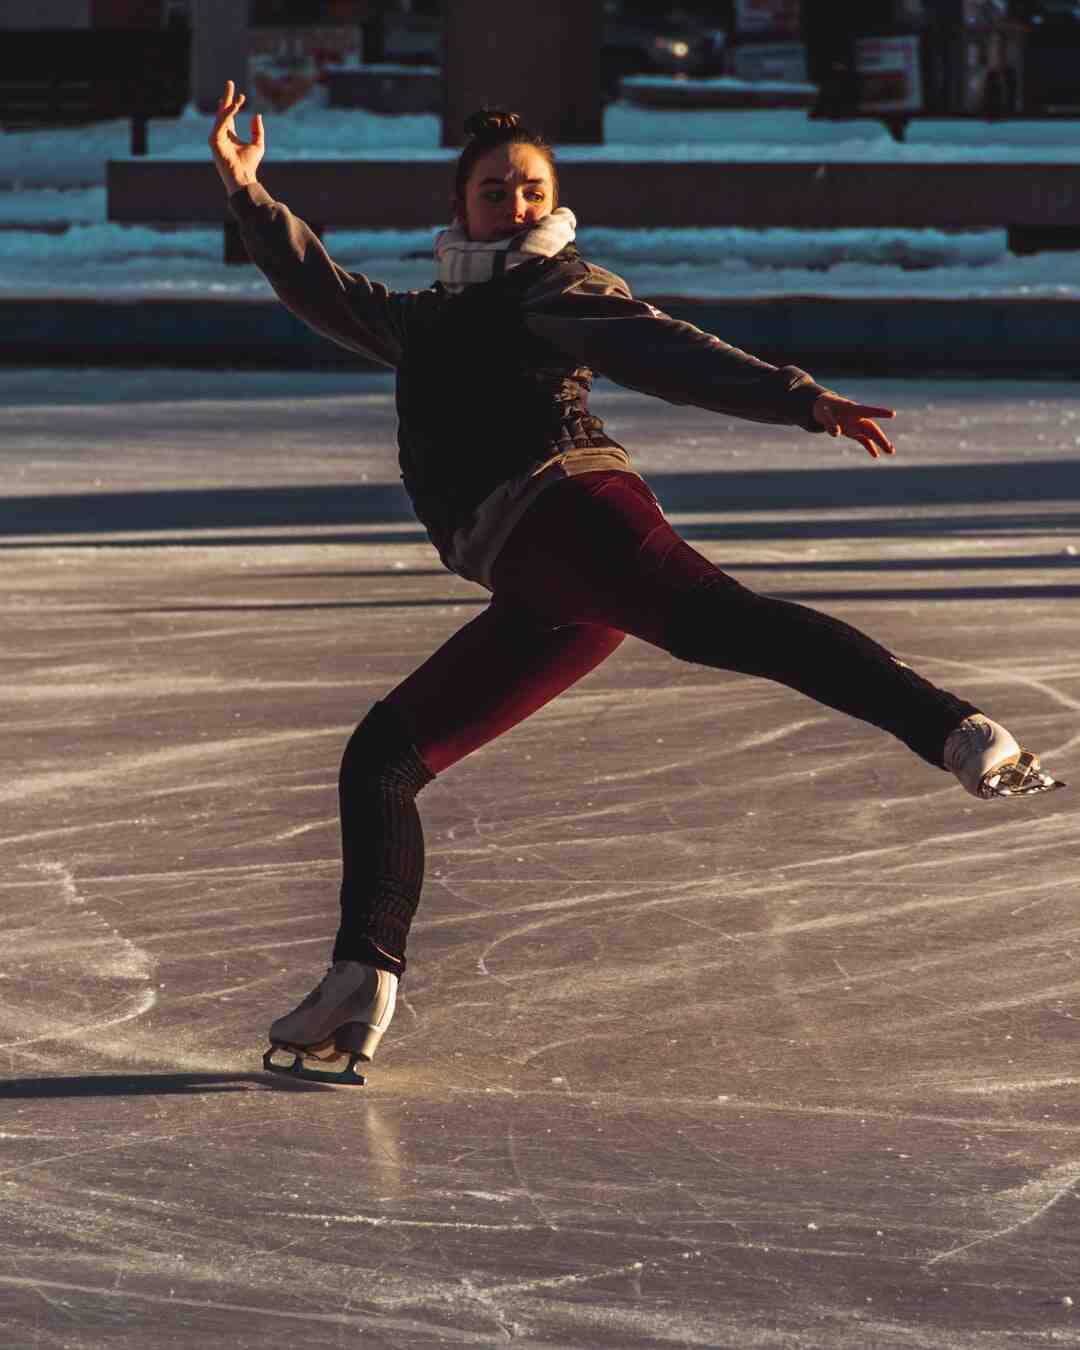 Comment reconnaître les sauts en patinage artistique ?